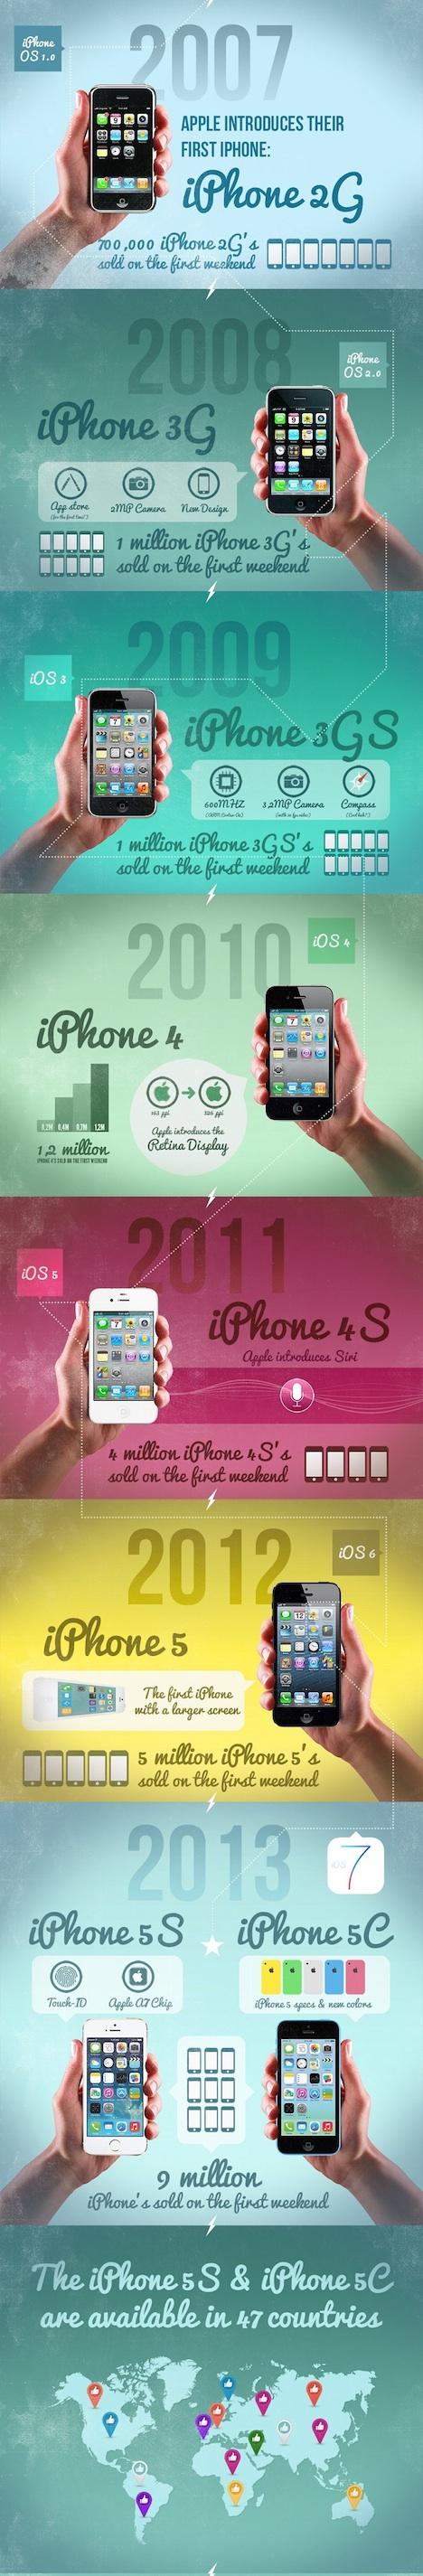 iphone_evo2